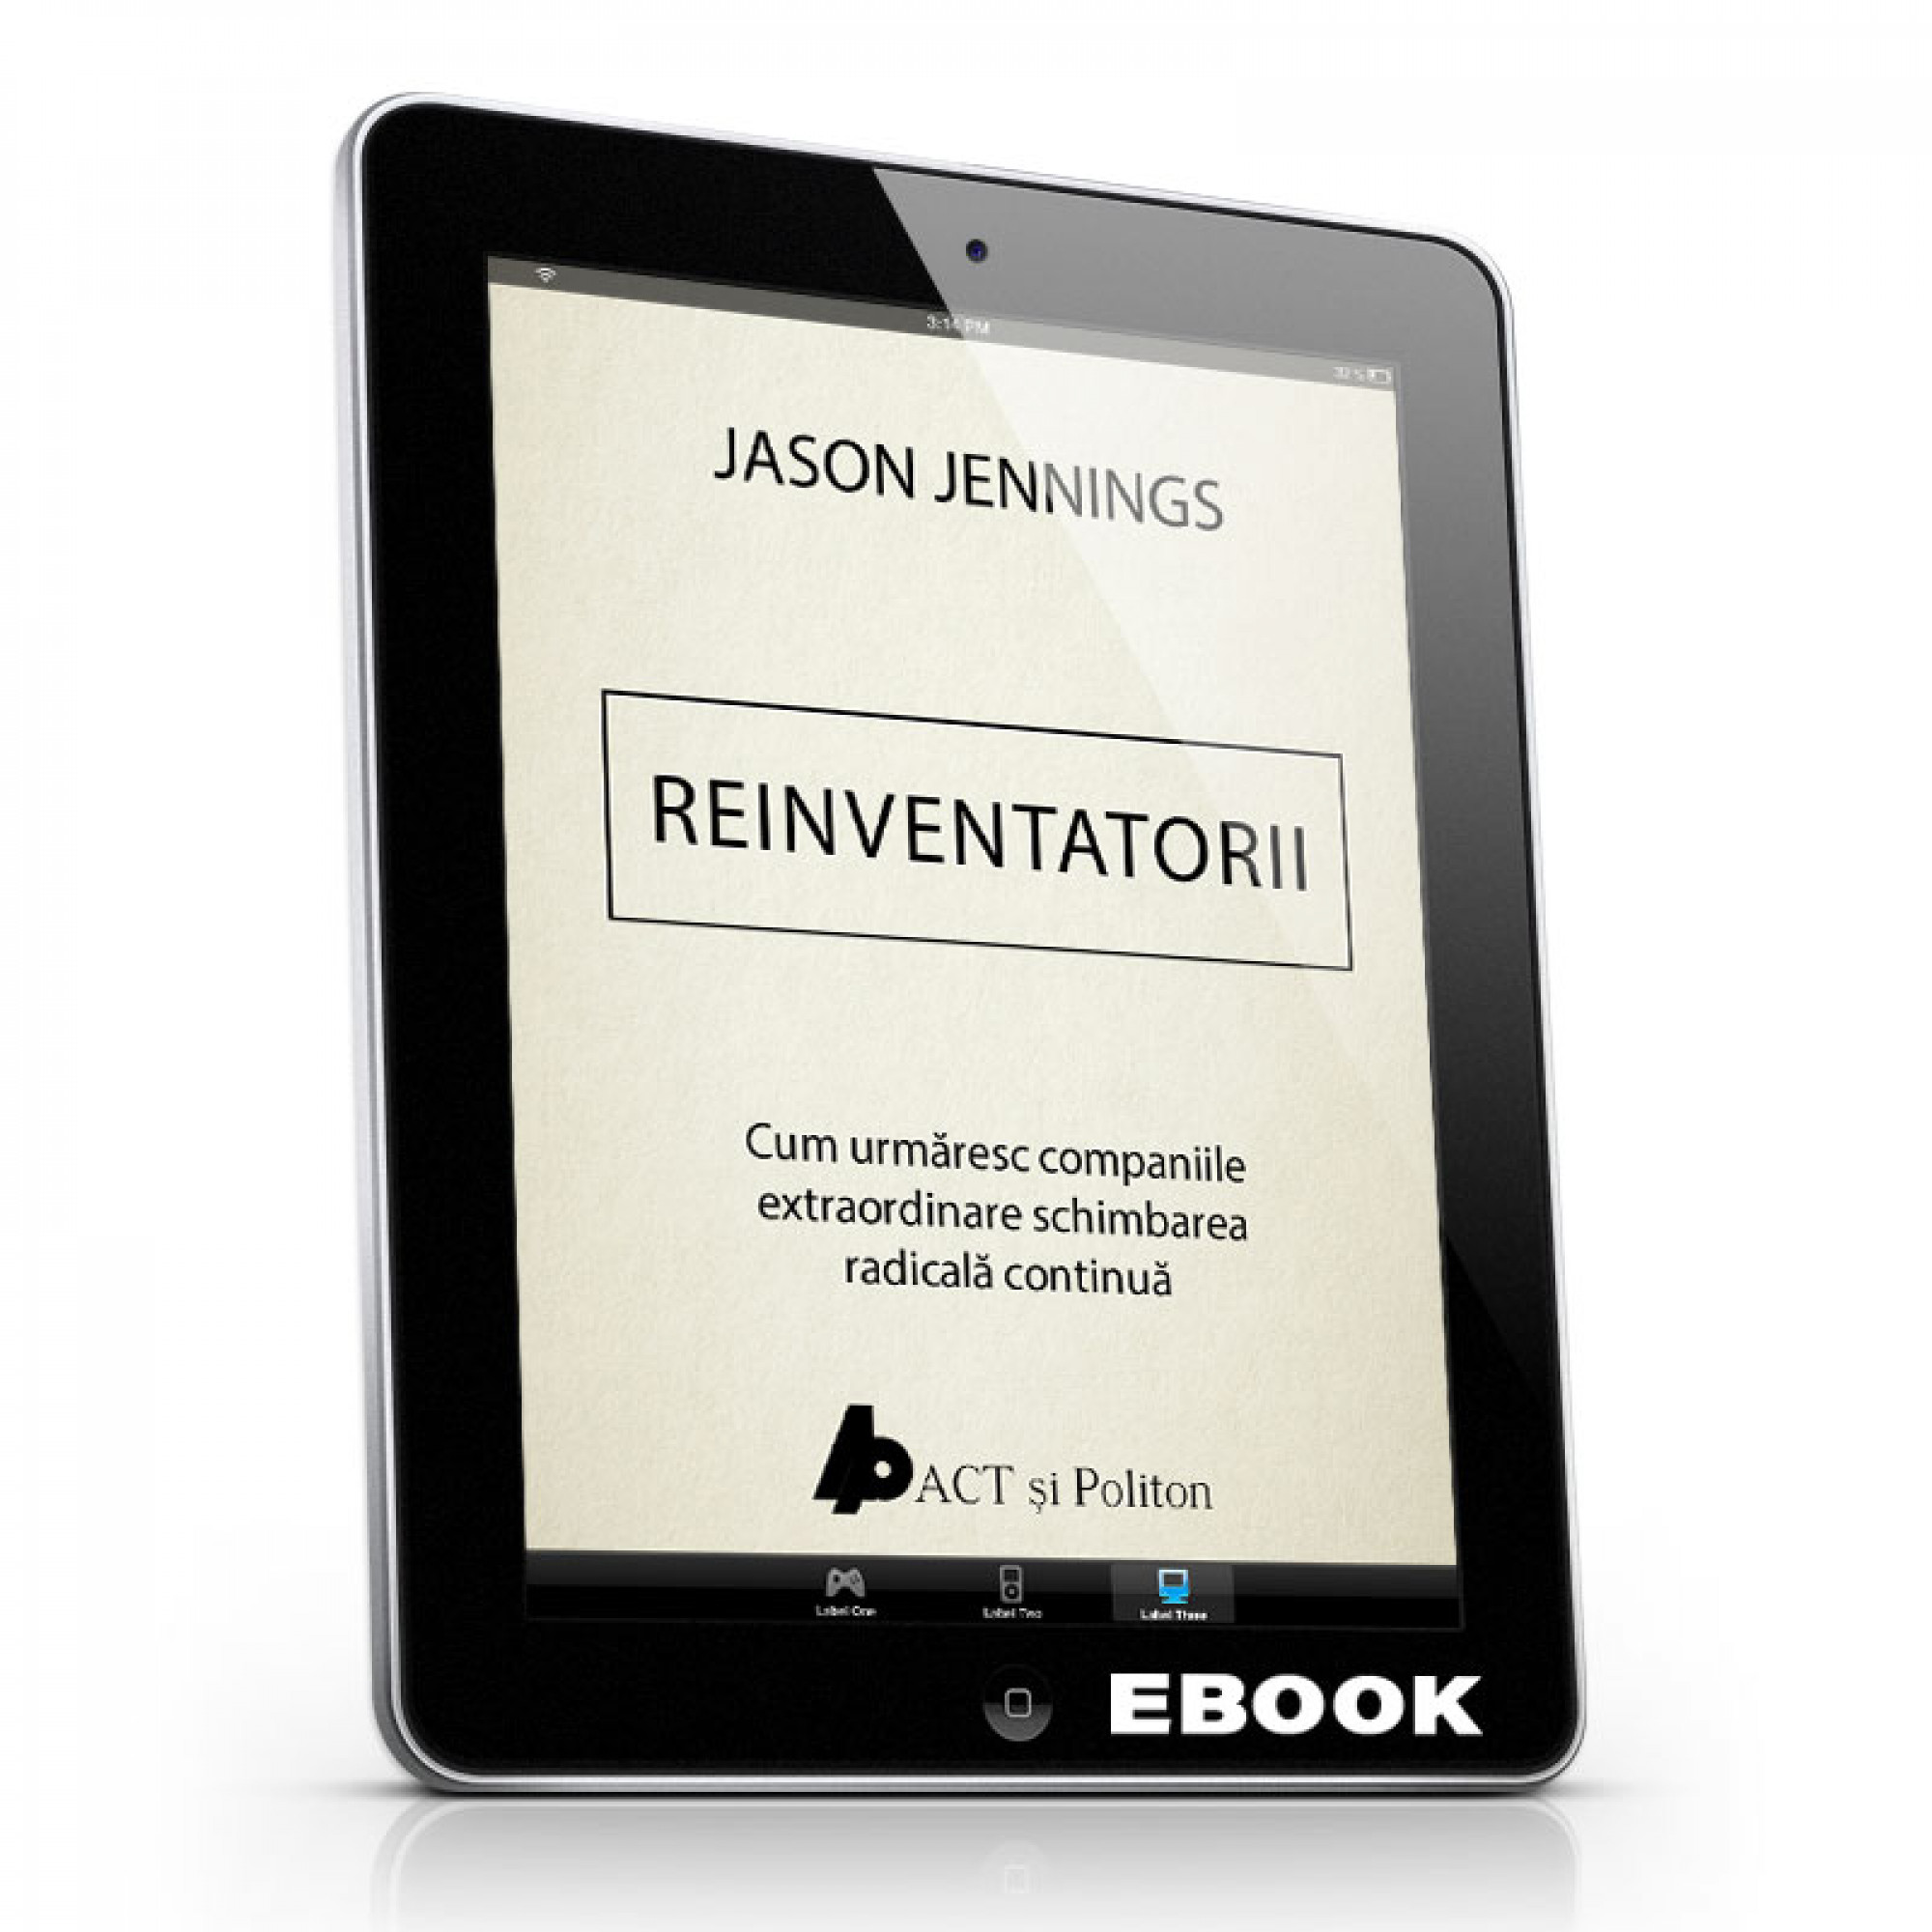 Reinventatorii. Cum urmăresc companiile extraordinare schimbarea radicală continuă